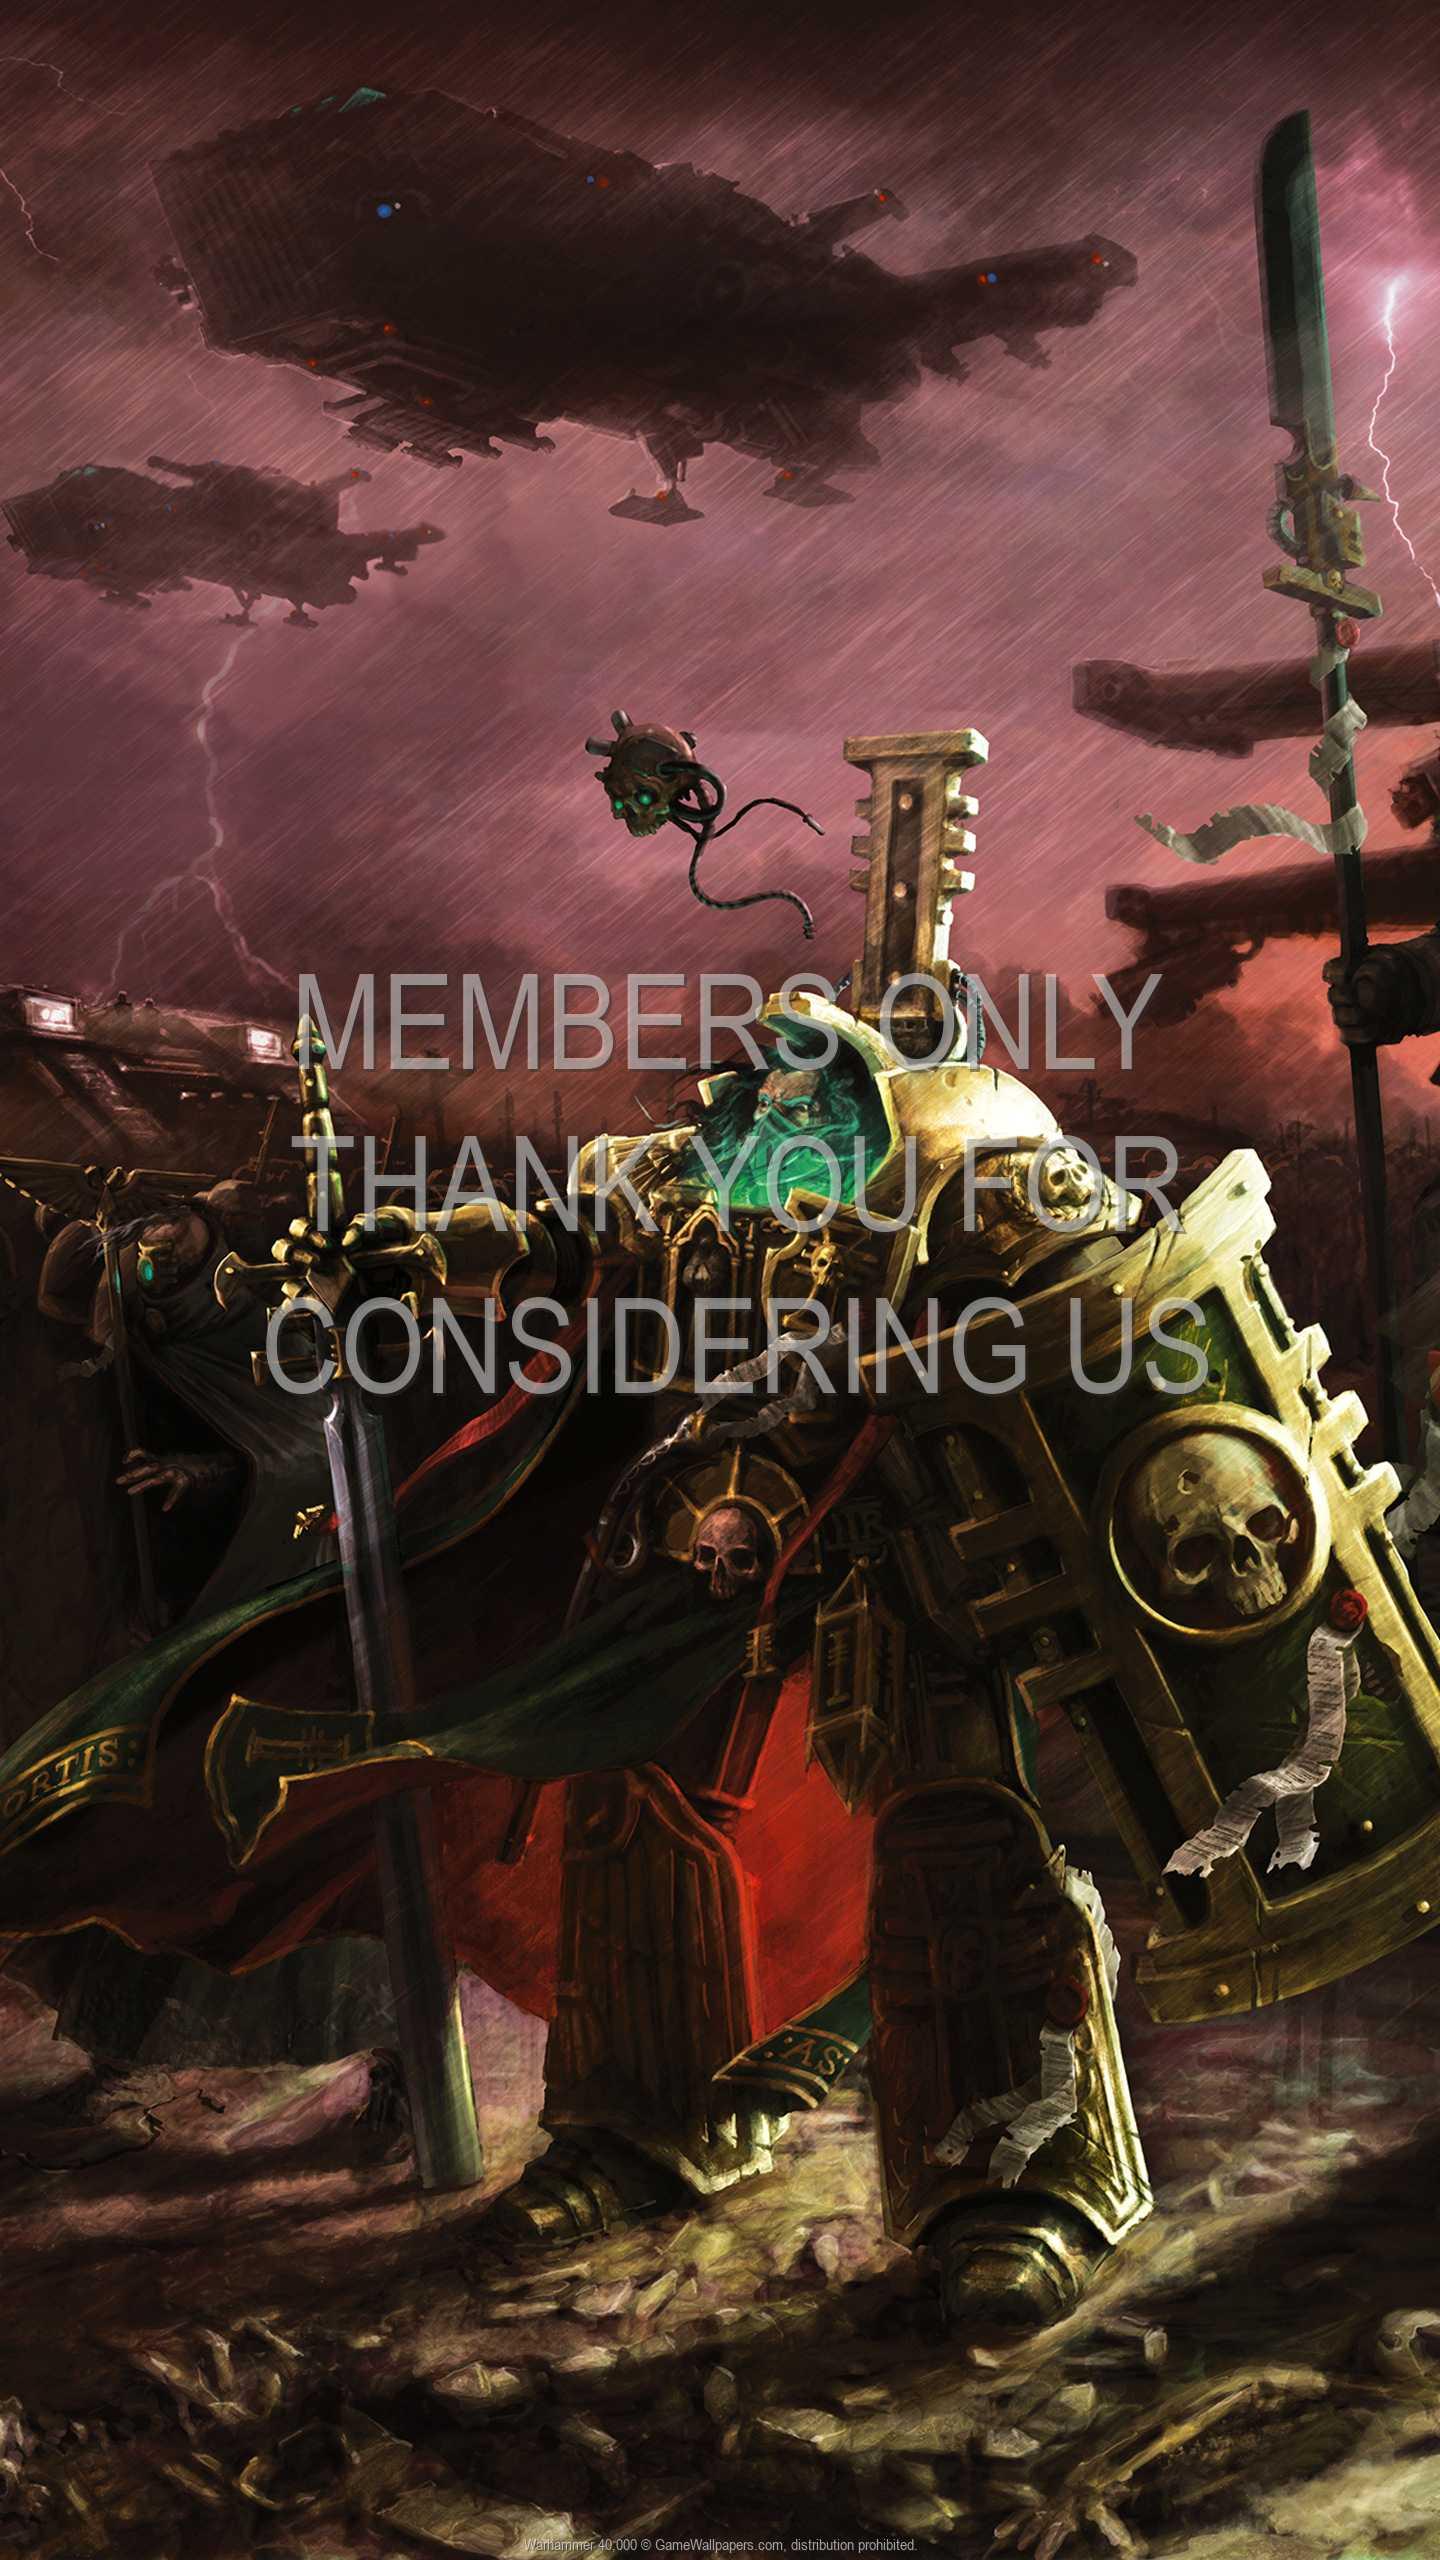 Warhammer 40,000 1440p Vertical Handy Hintergrundbild 05